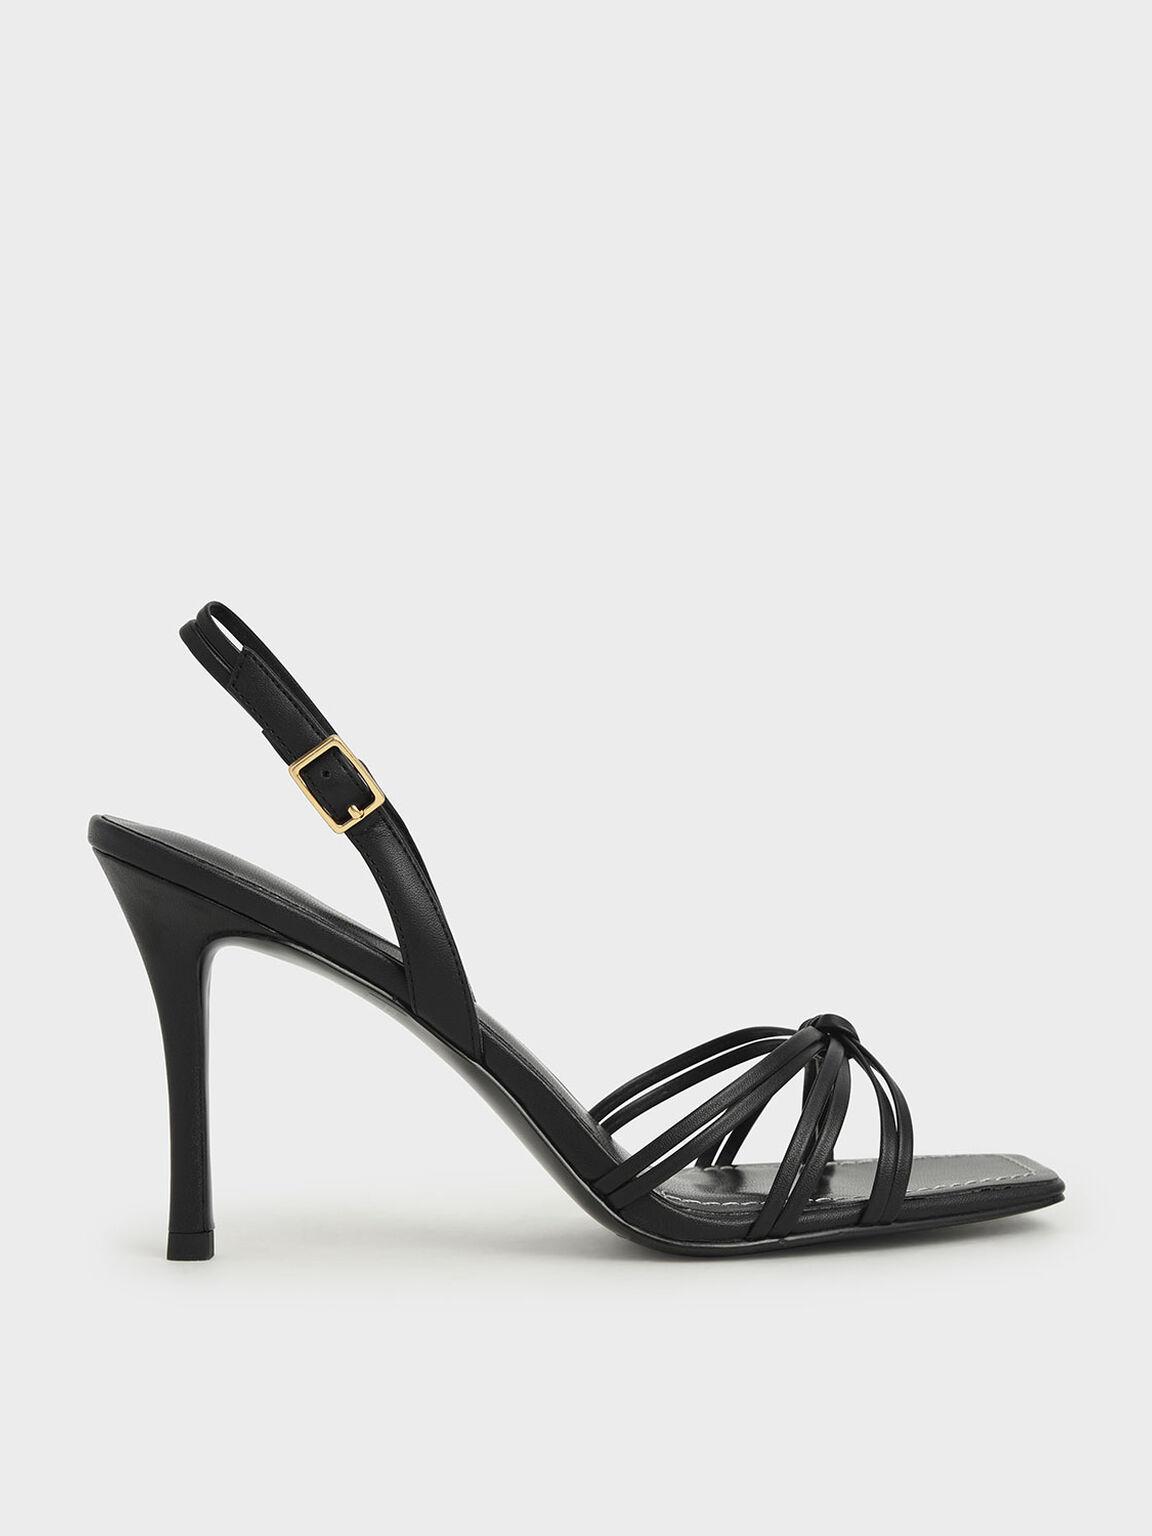 Strappy Slingback Heeled Sandals, Black, hi-res